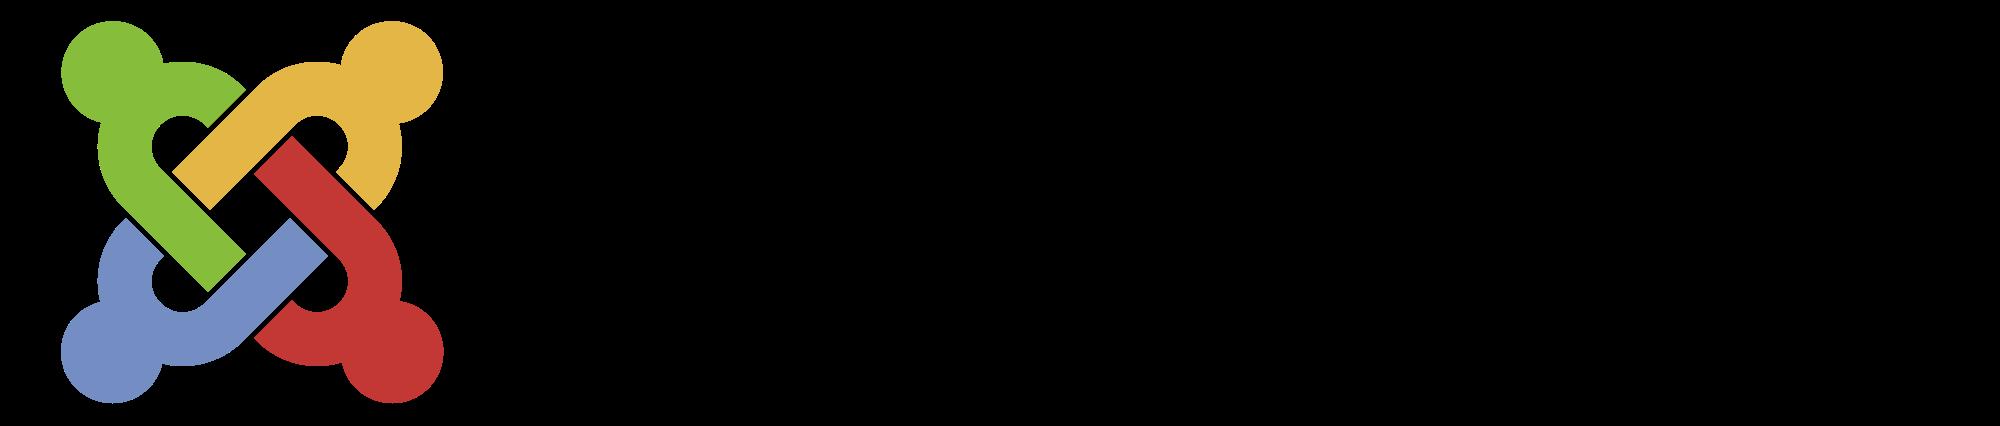 Open PlusPng.com  - Joomla Logo PNG